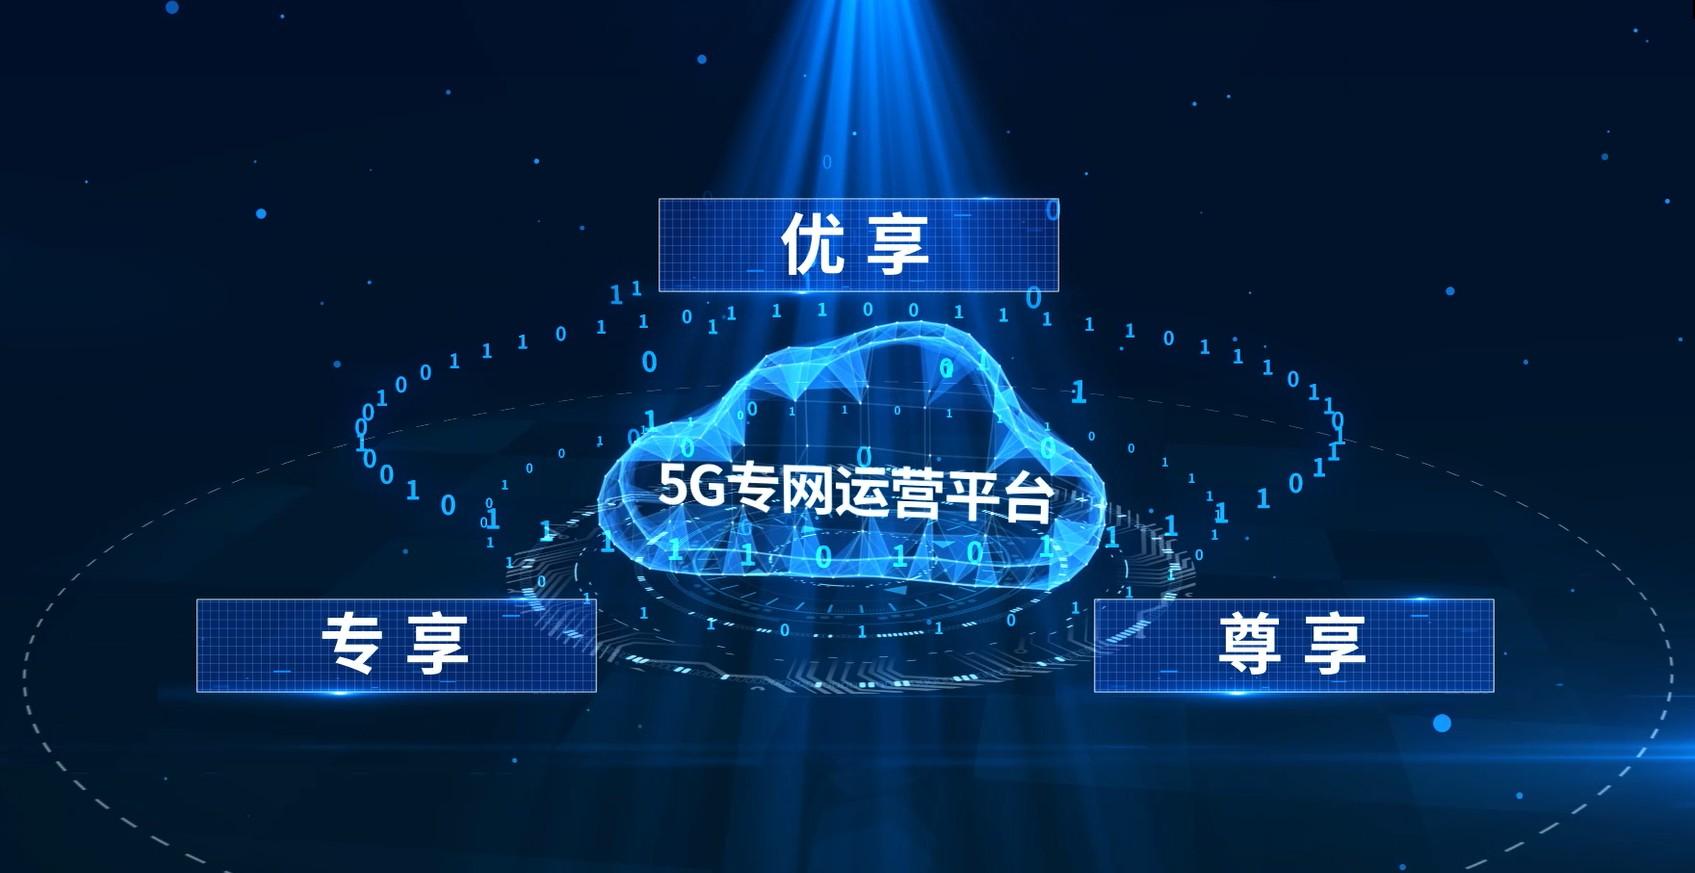 """2020中国移动全球合作伙伴大会召开,且看""""5G+物联网""""如何使能行业数字化"""